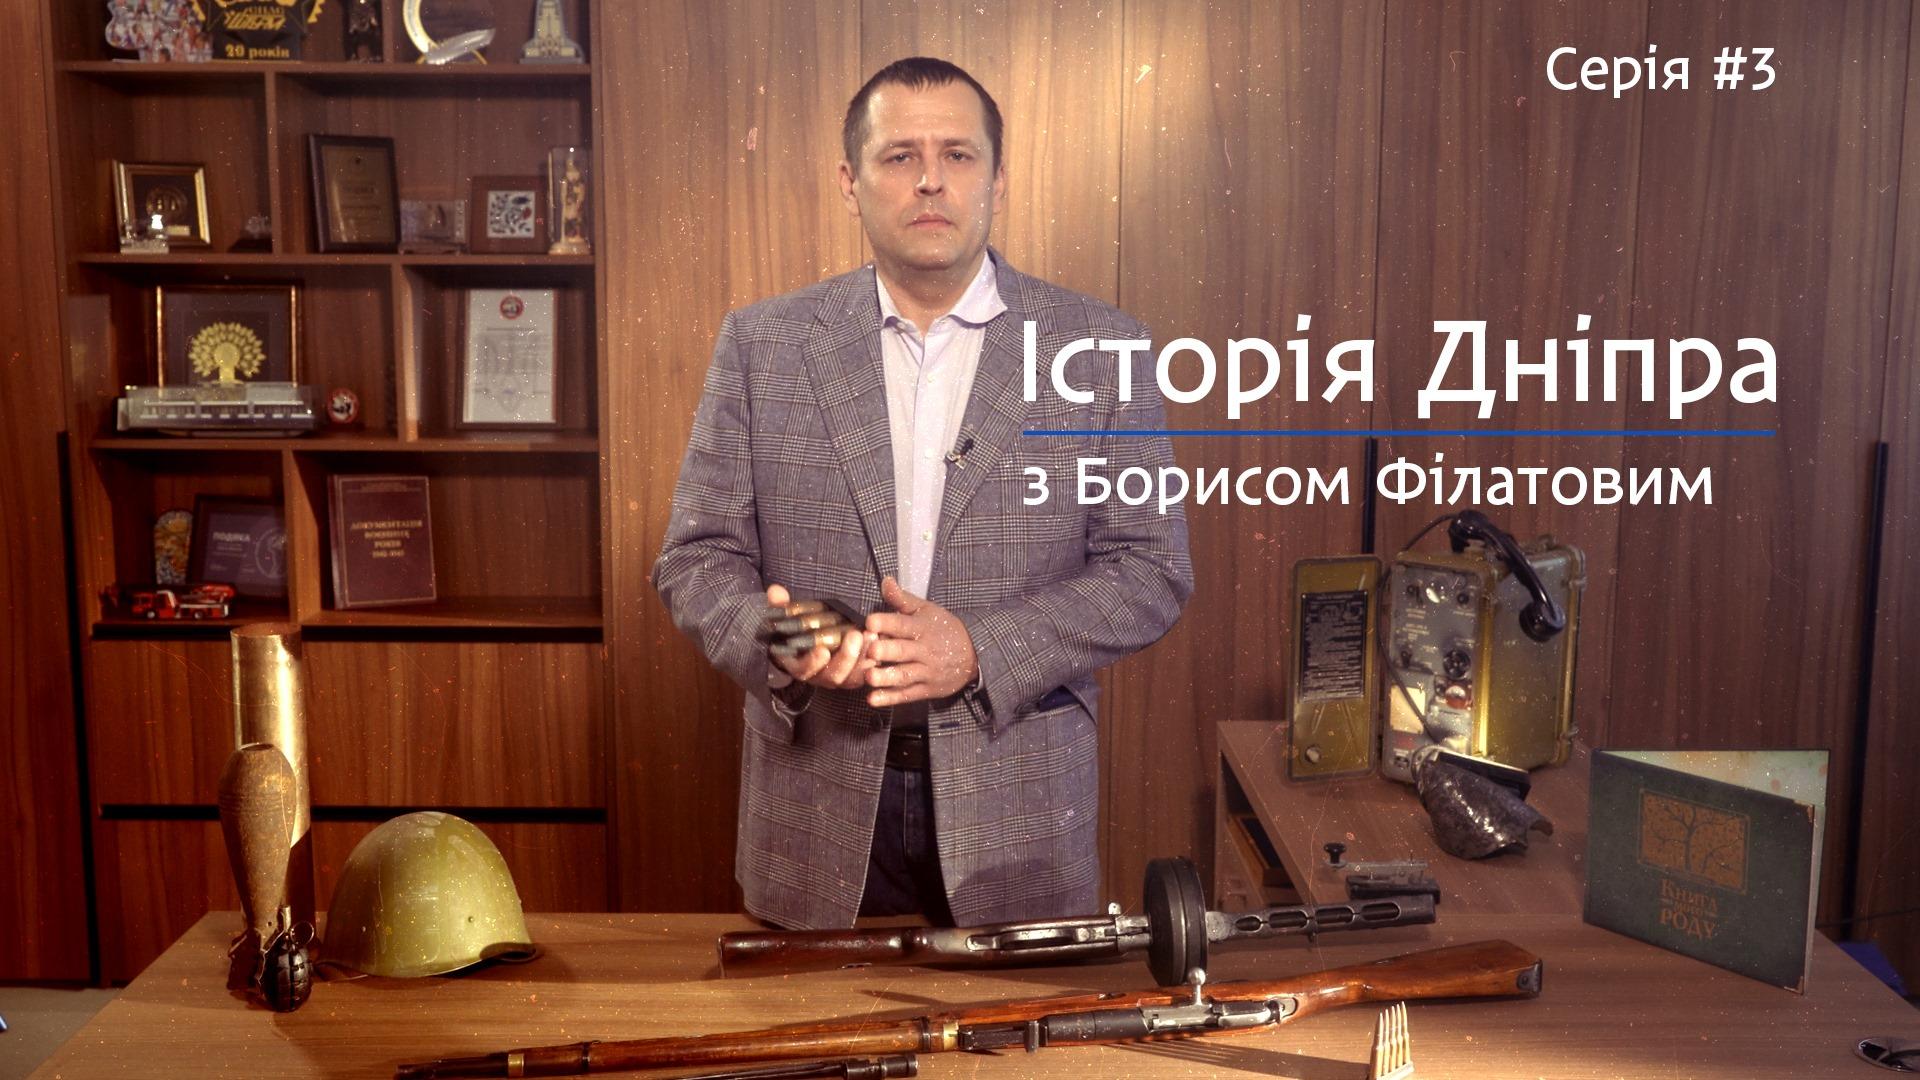 Филатов опубликовал 3-й видеоурок по истории Днепра. Новости Днепра